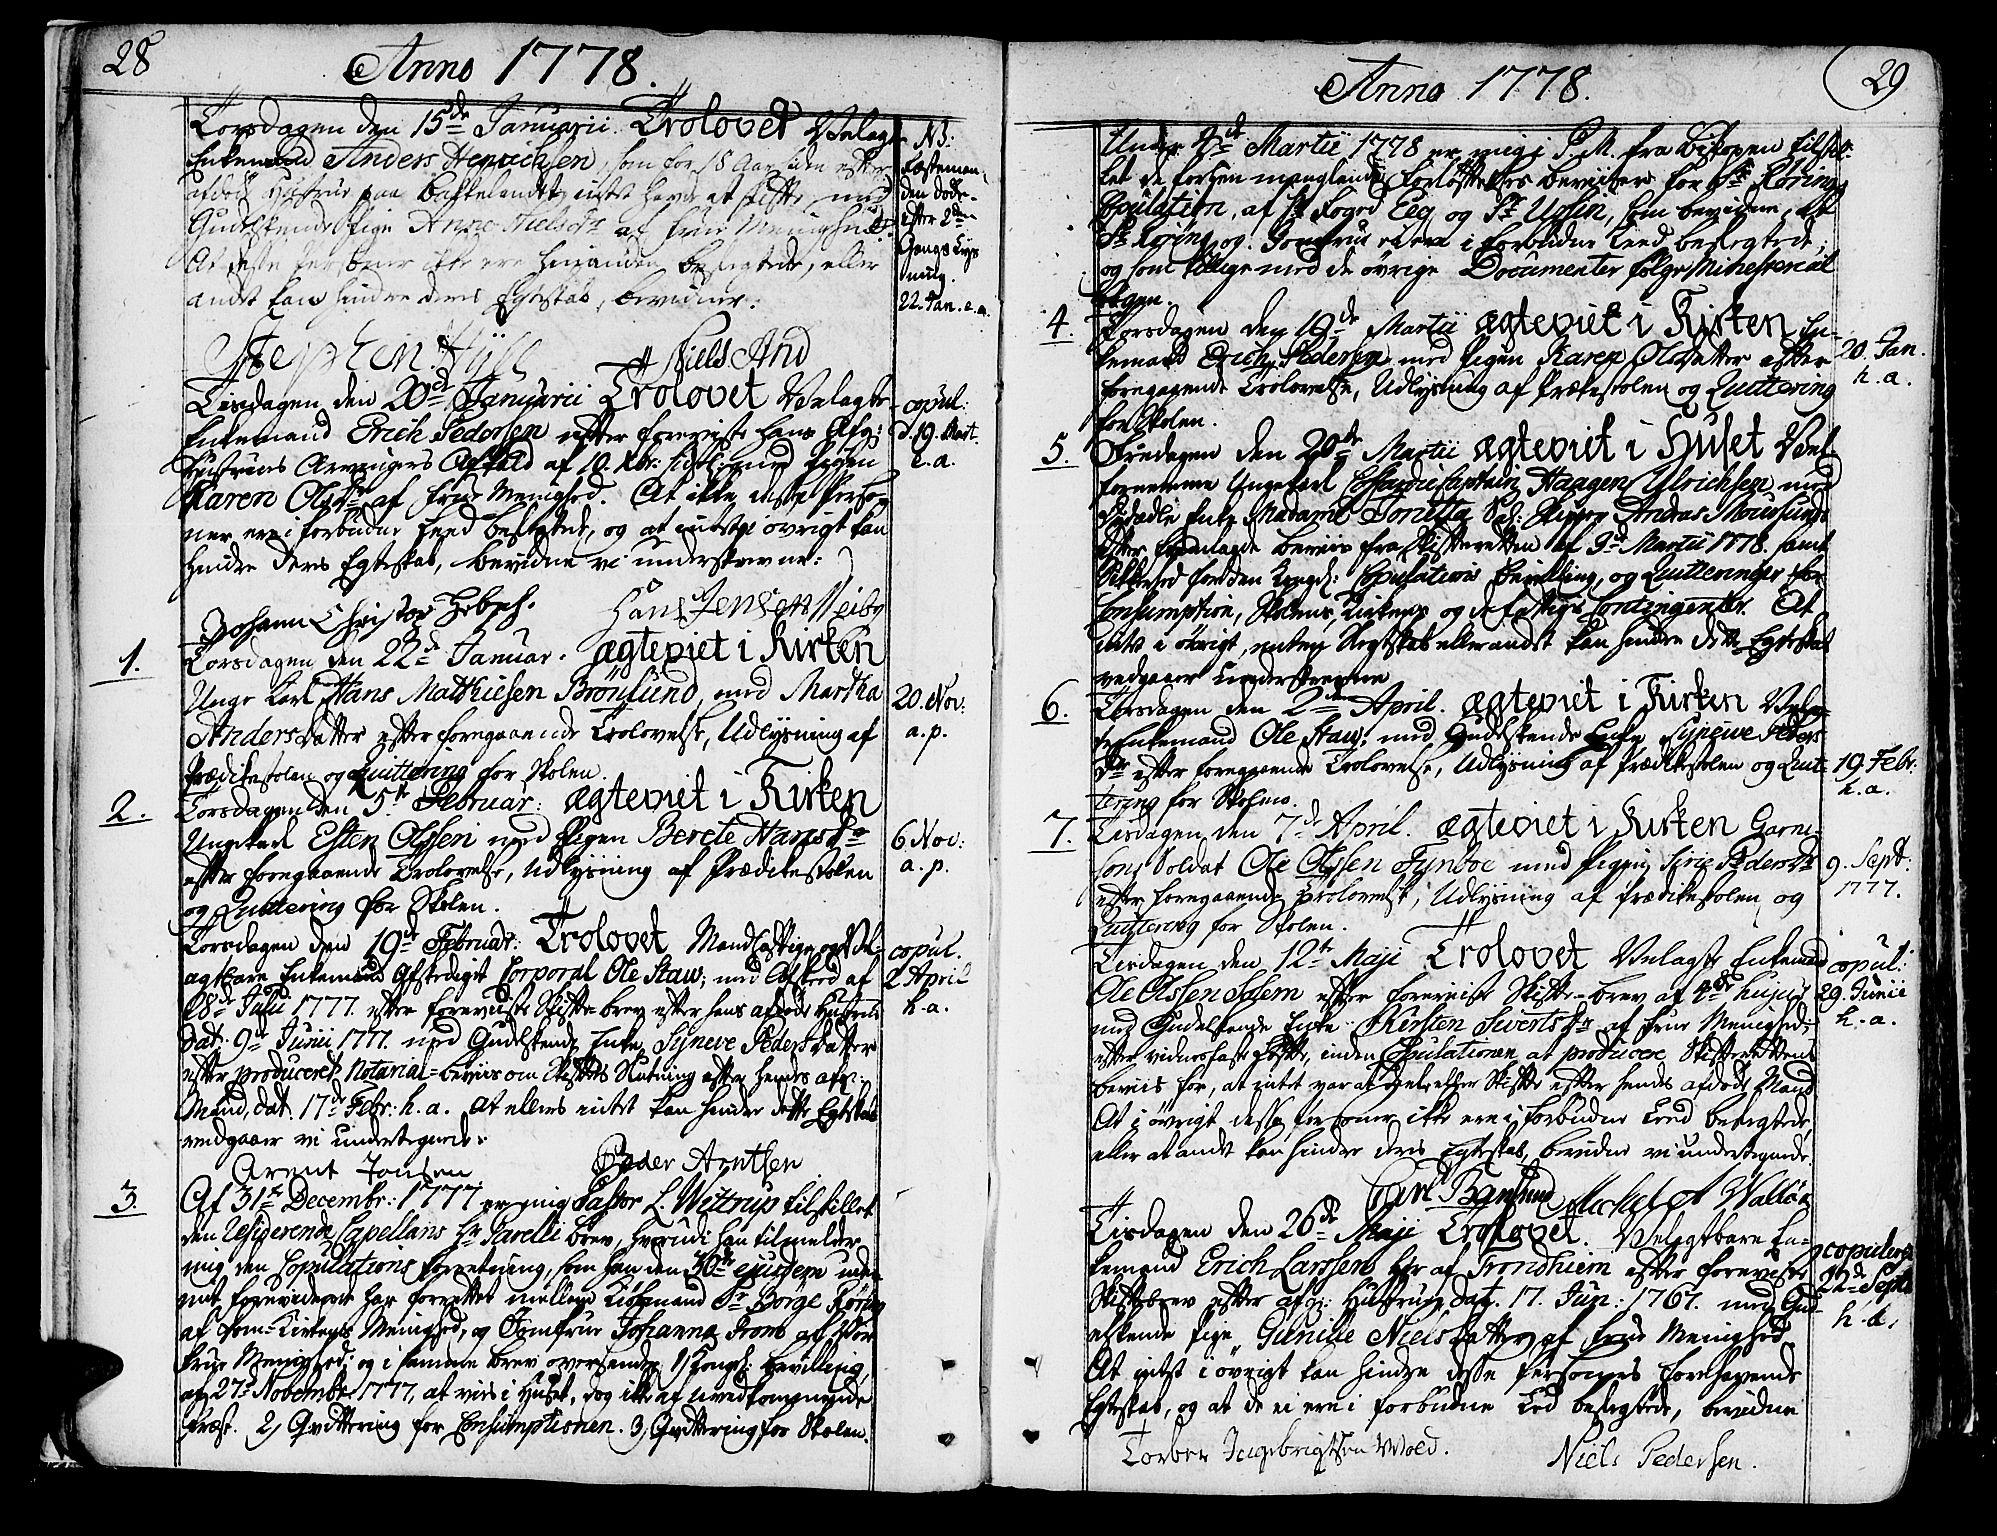 SAT, Ministerialprotokoller, klokkerbøker og fødselsregistre - Sør-Trøndelag, 602/L0105: Ministerialbok nr. 602A03, 1774-1814, s. 28-29